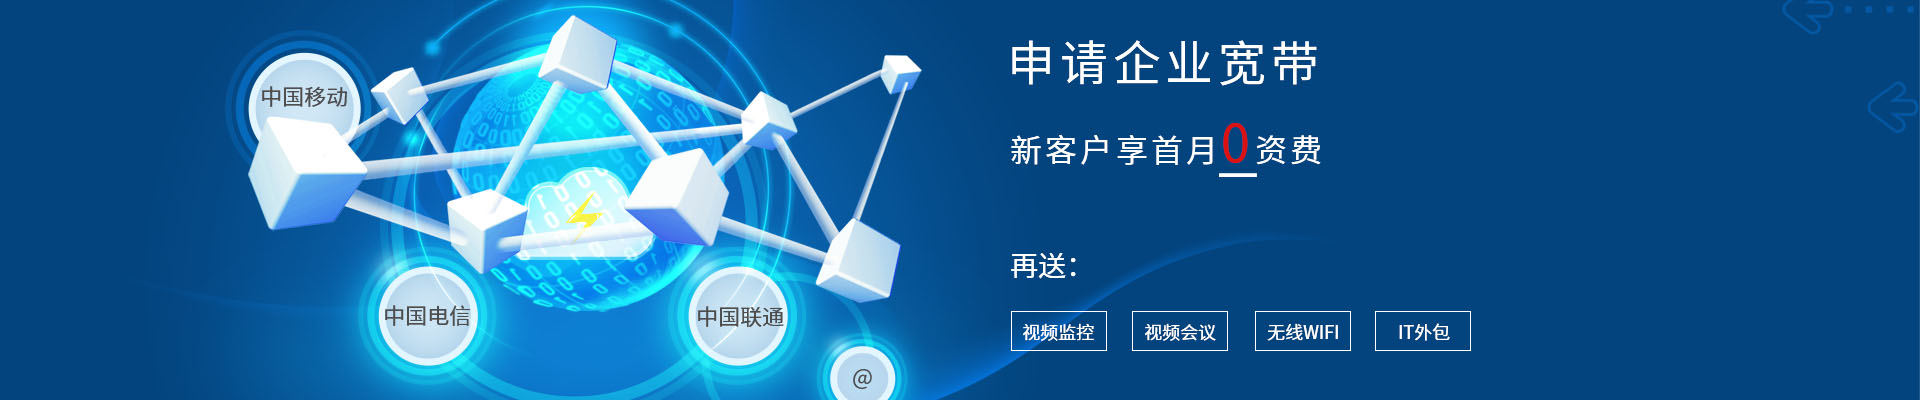 沈阳联通宽带200m套餐联通100M宽带联通50M光纤